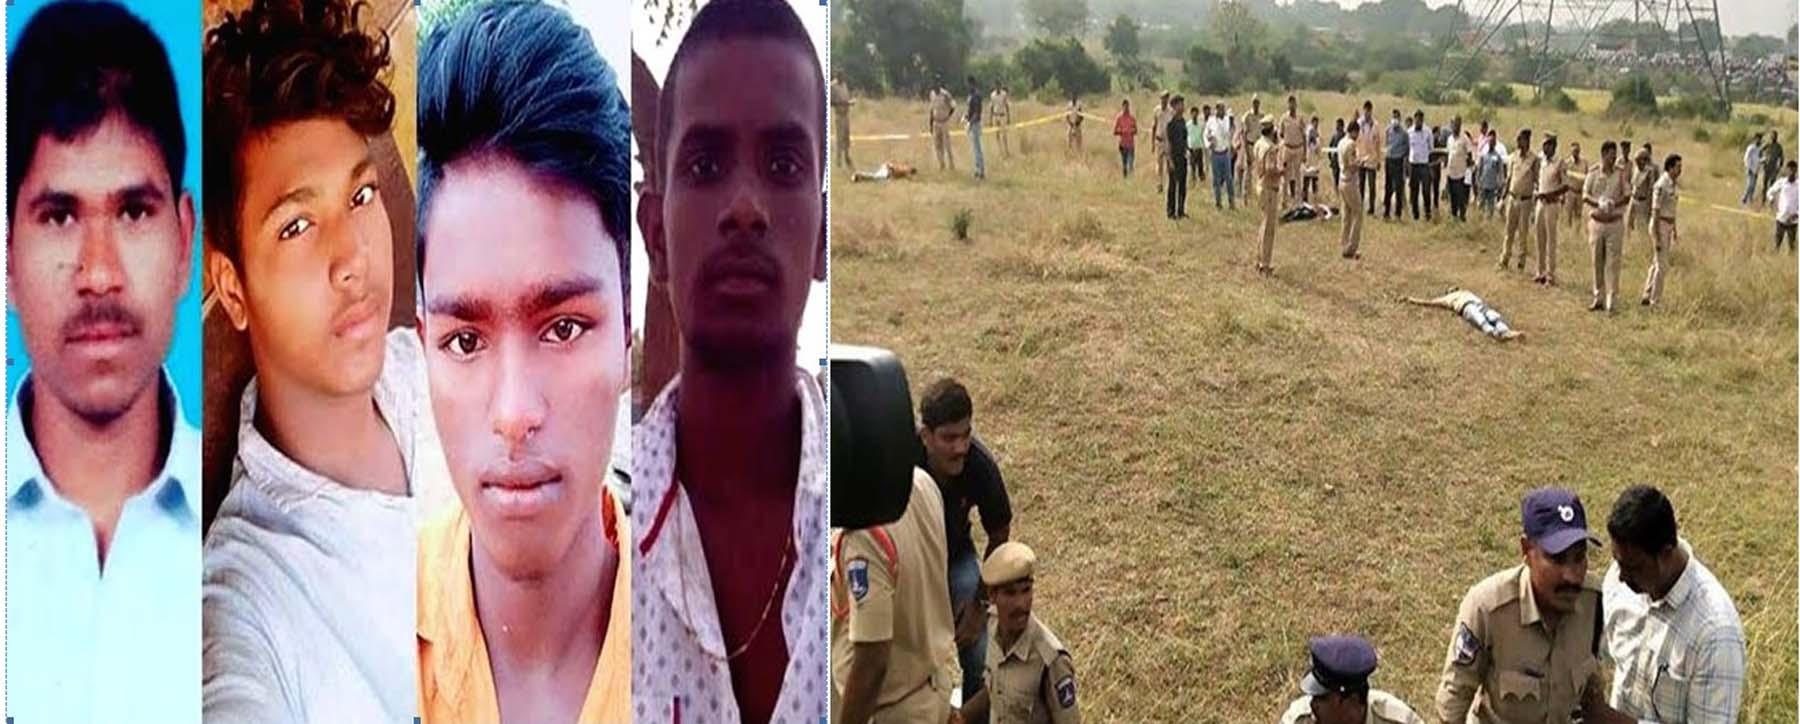 हैदराबाद एनकाउंटर : तेलंगाना हाई कोर्ट का निर्देश, 9 दिसंबर तक सुरक्षित रखे जाएँ मृतक रेप के कथित आरोपियों के शव।